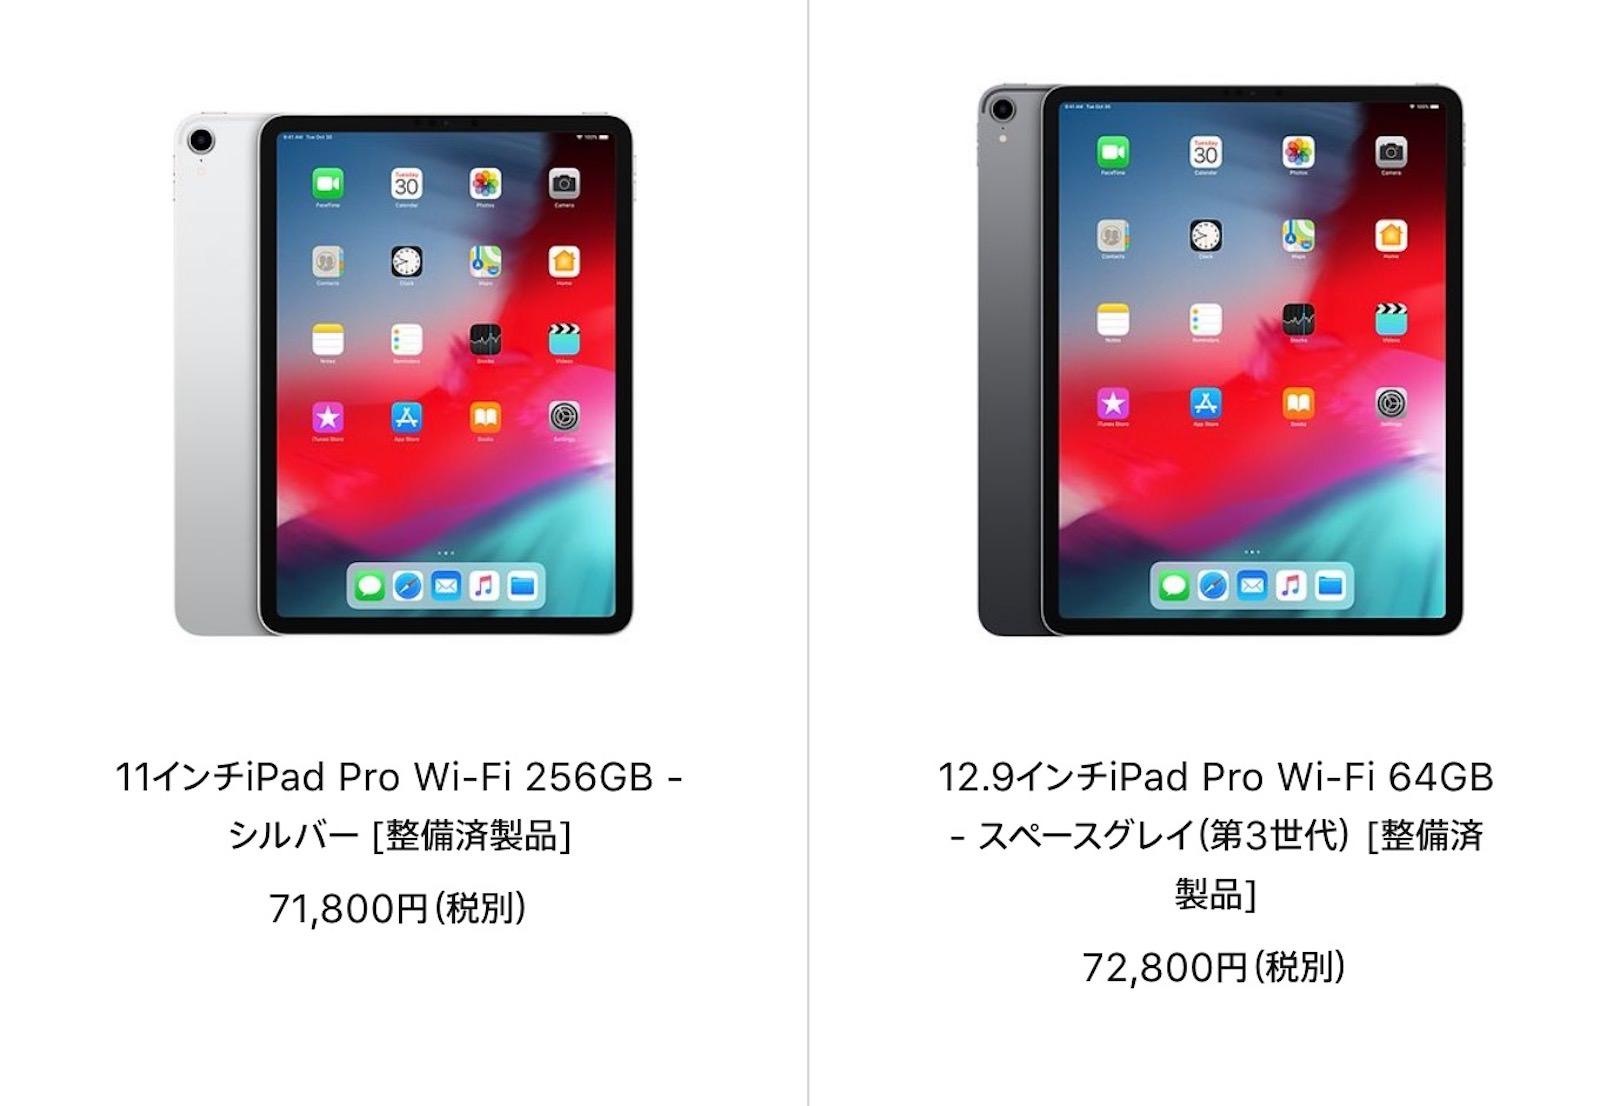 Apple refurbished model2020 0619